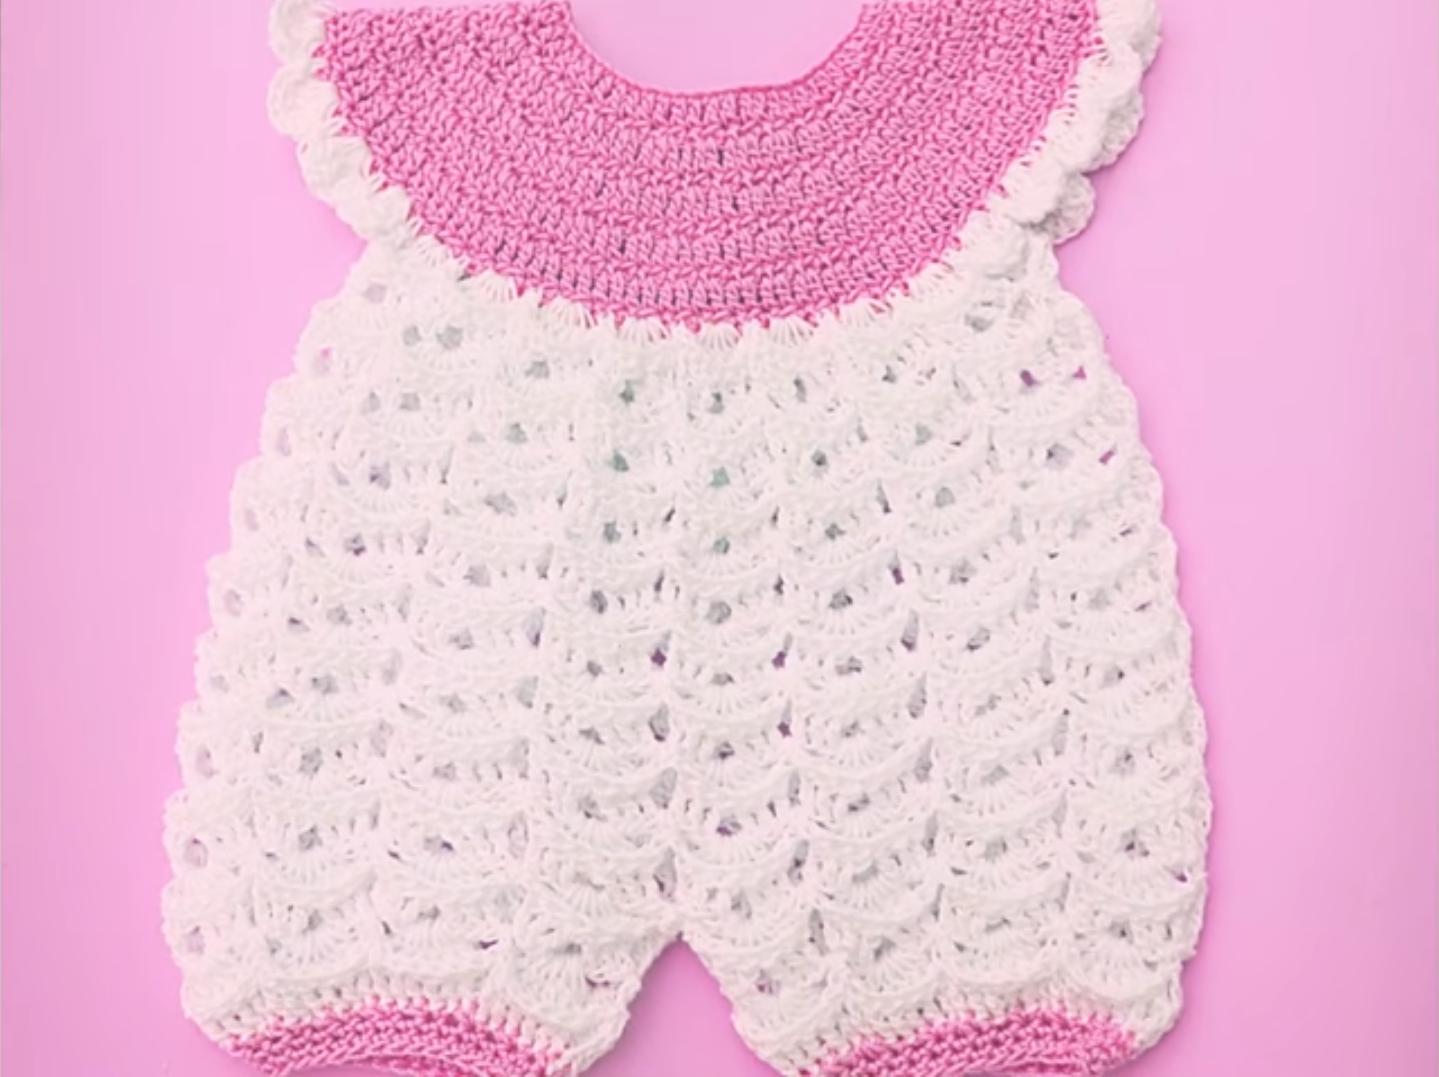 Crochet Very Easy Baby Romper Crochet Ideas